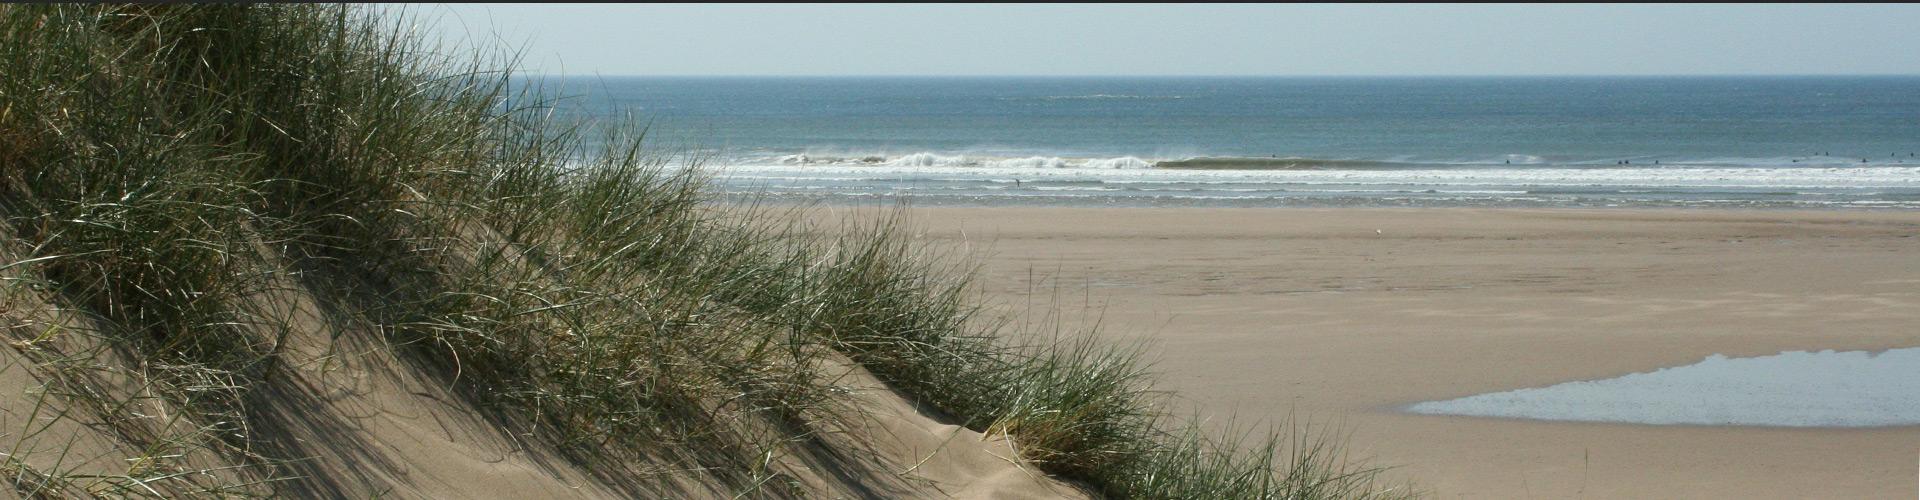 croyde-beach-1